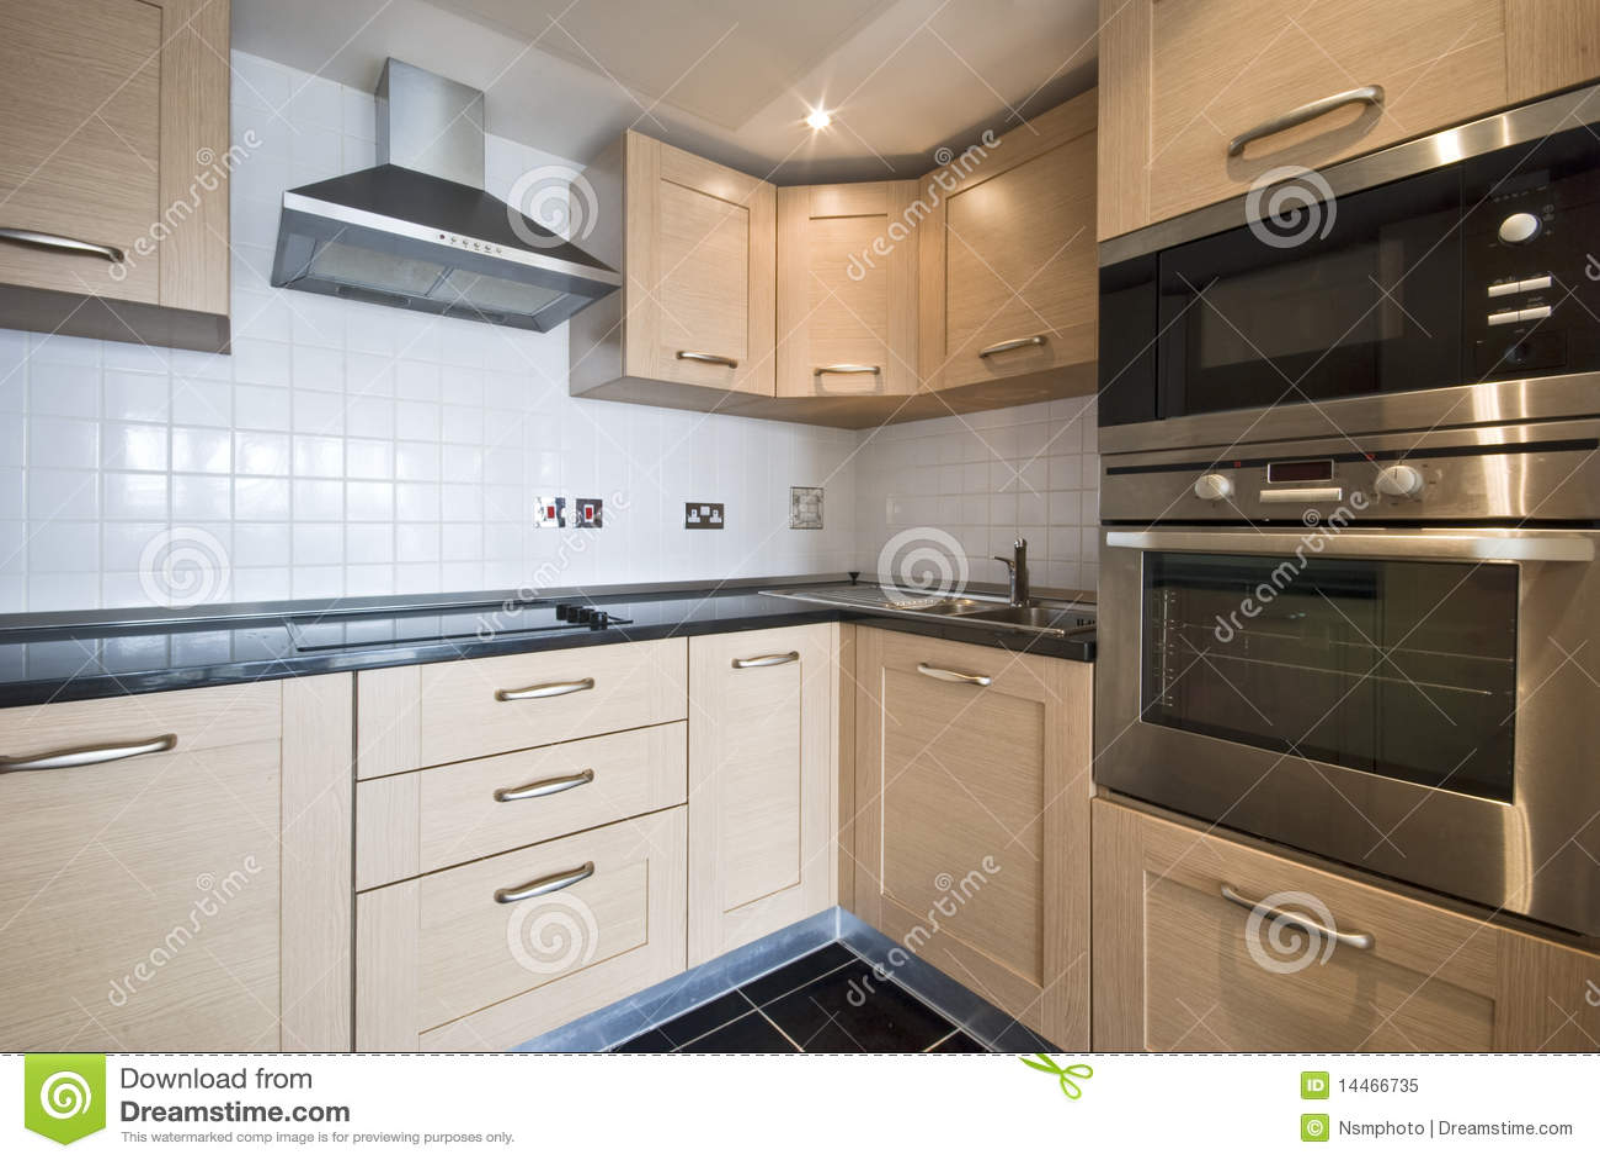 Cozinha De Madeira Moderna Com Dispositivos De Prata Imagem De Stock